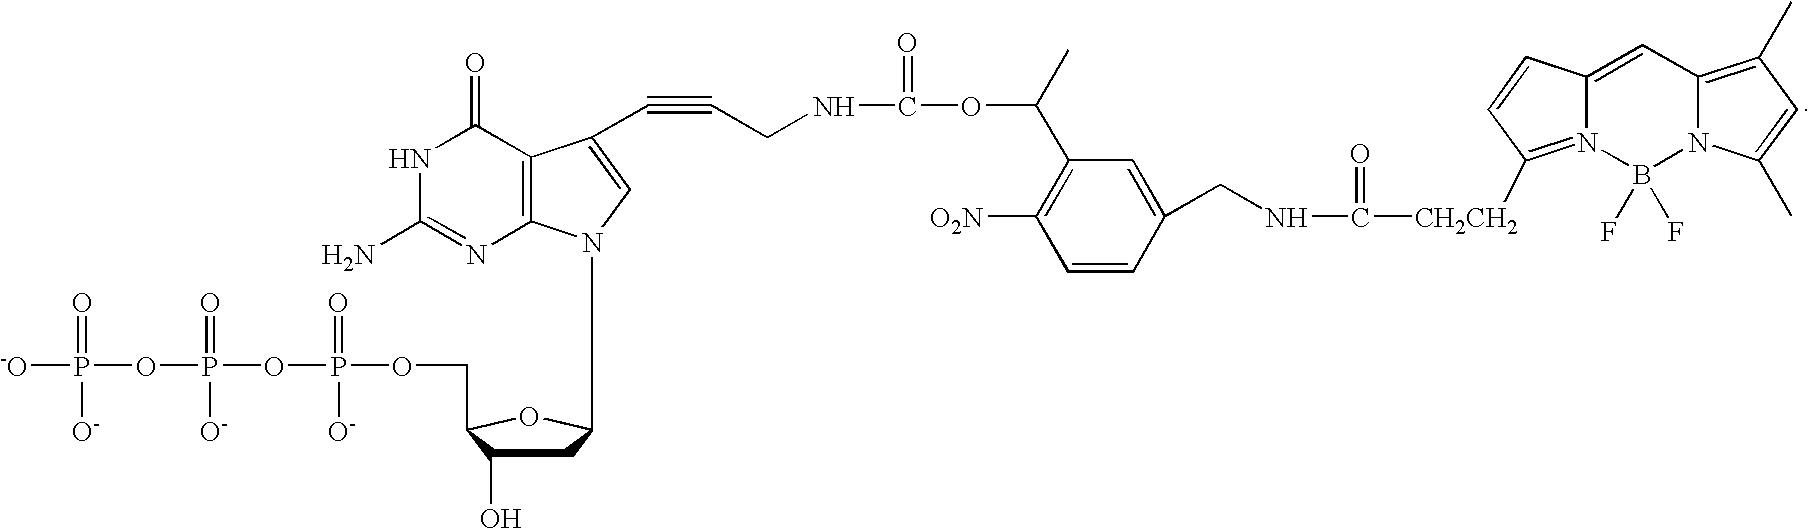 Figure US07622279-20091124-C00005